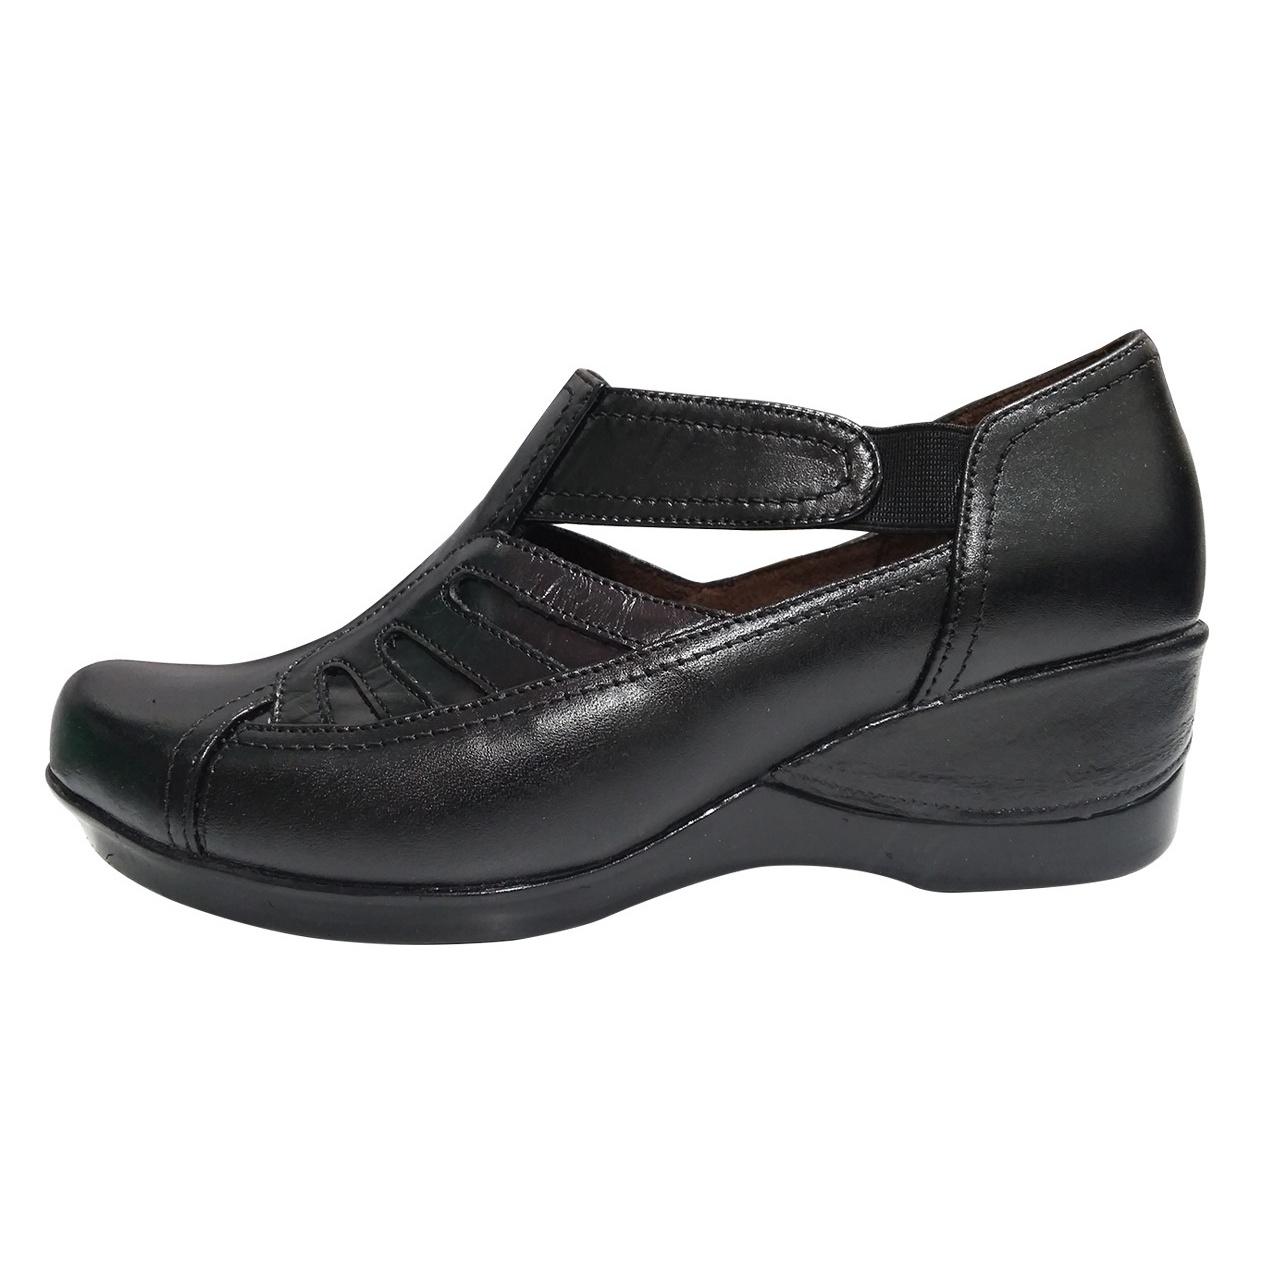 خرید                      کفش روزمره زنانه روشن مدل 495 کد 01